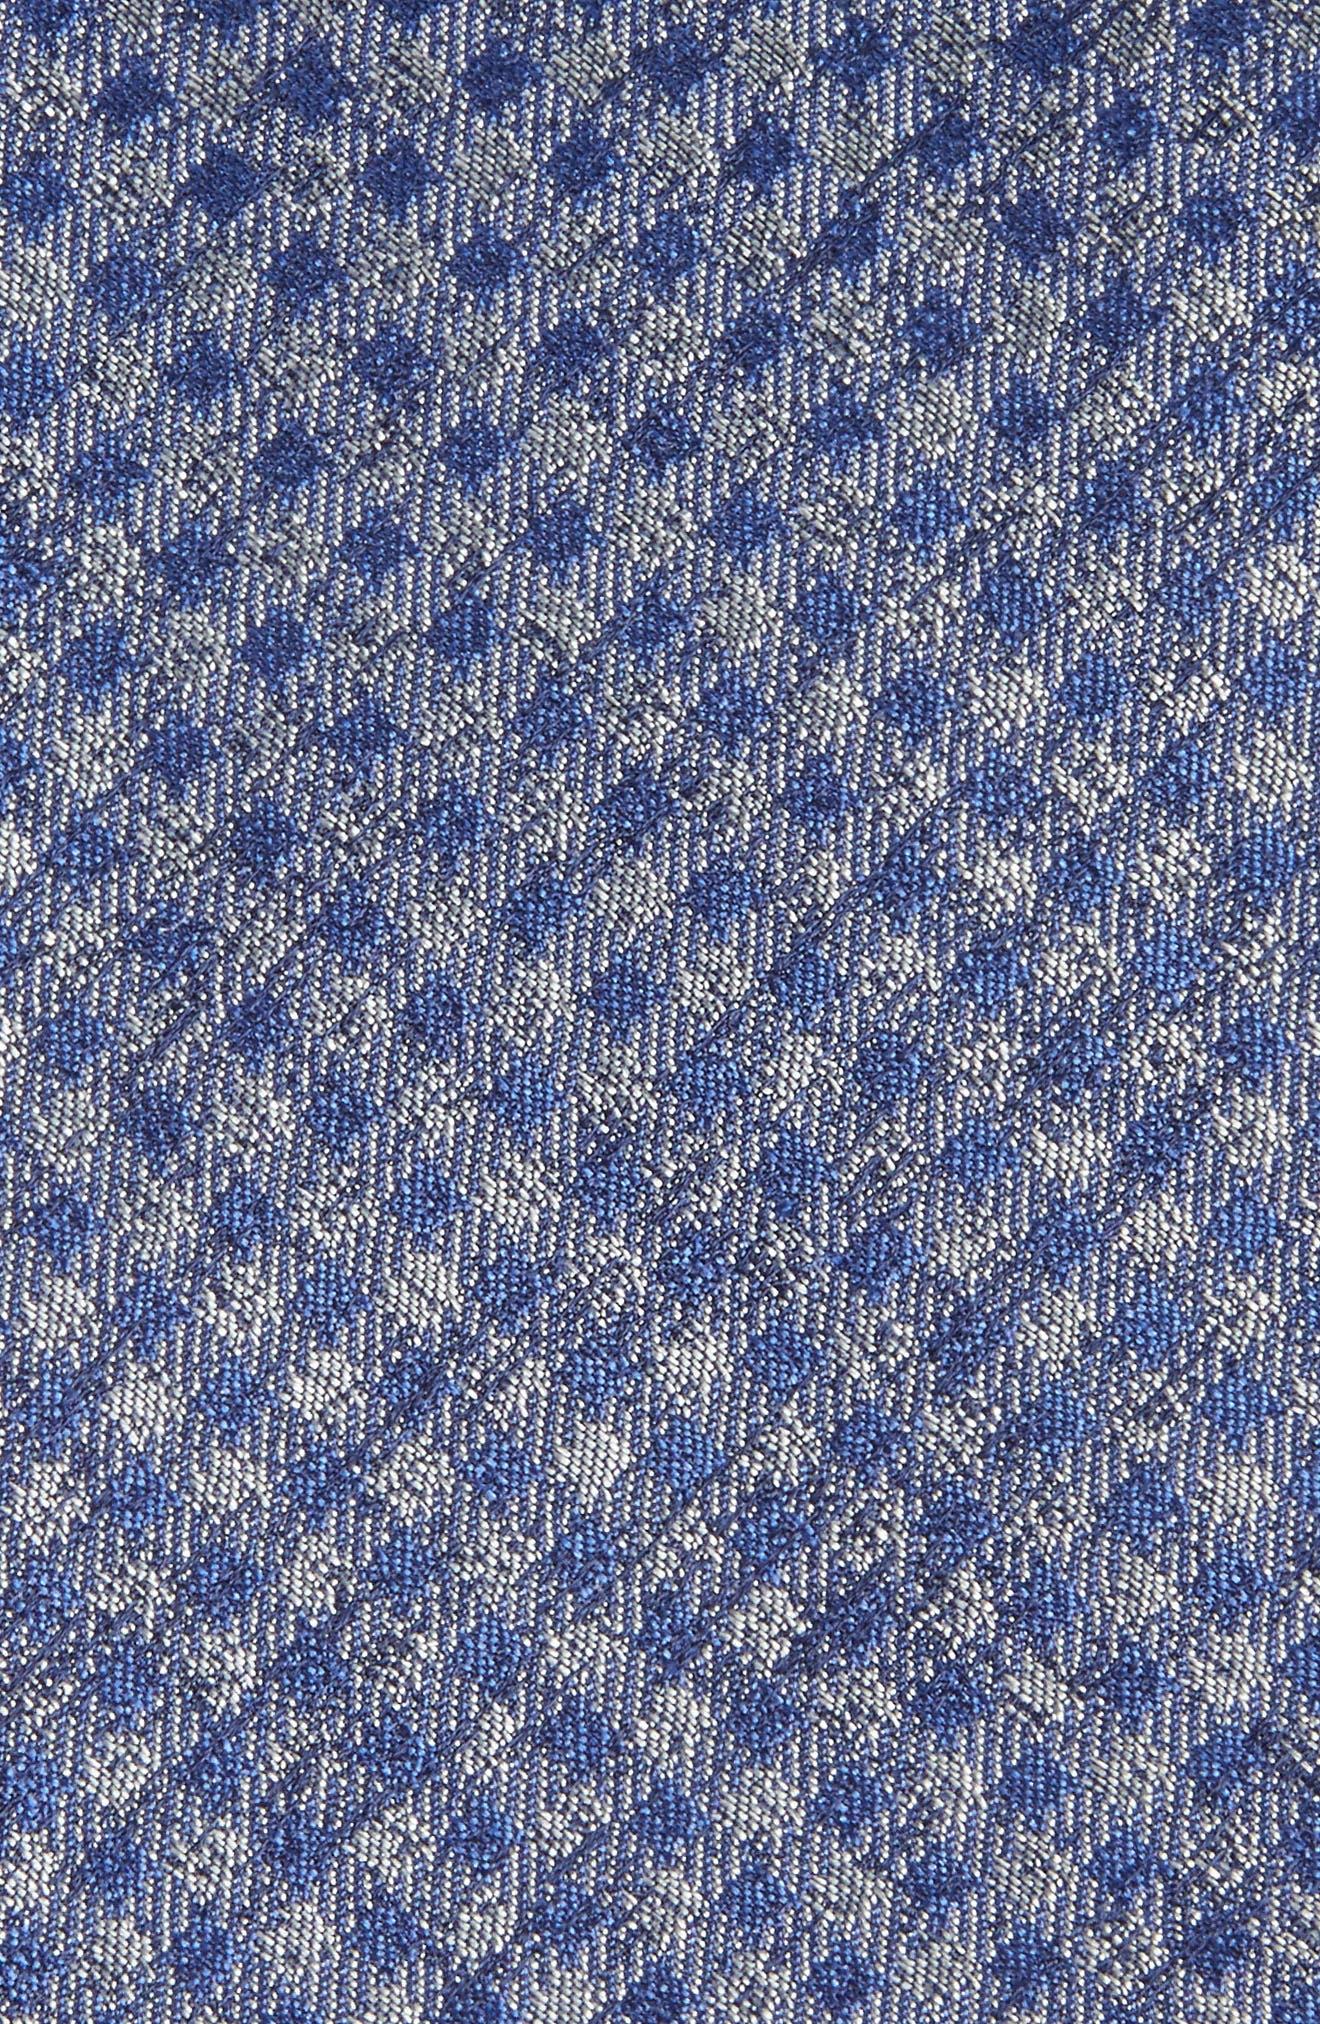 Alternate Image 2  - Calibrate Porter Check Silk Tie